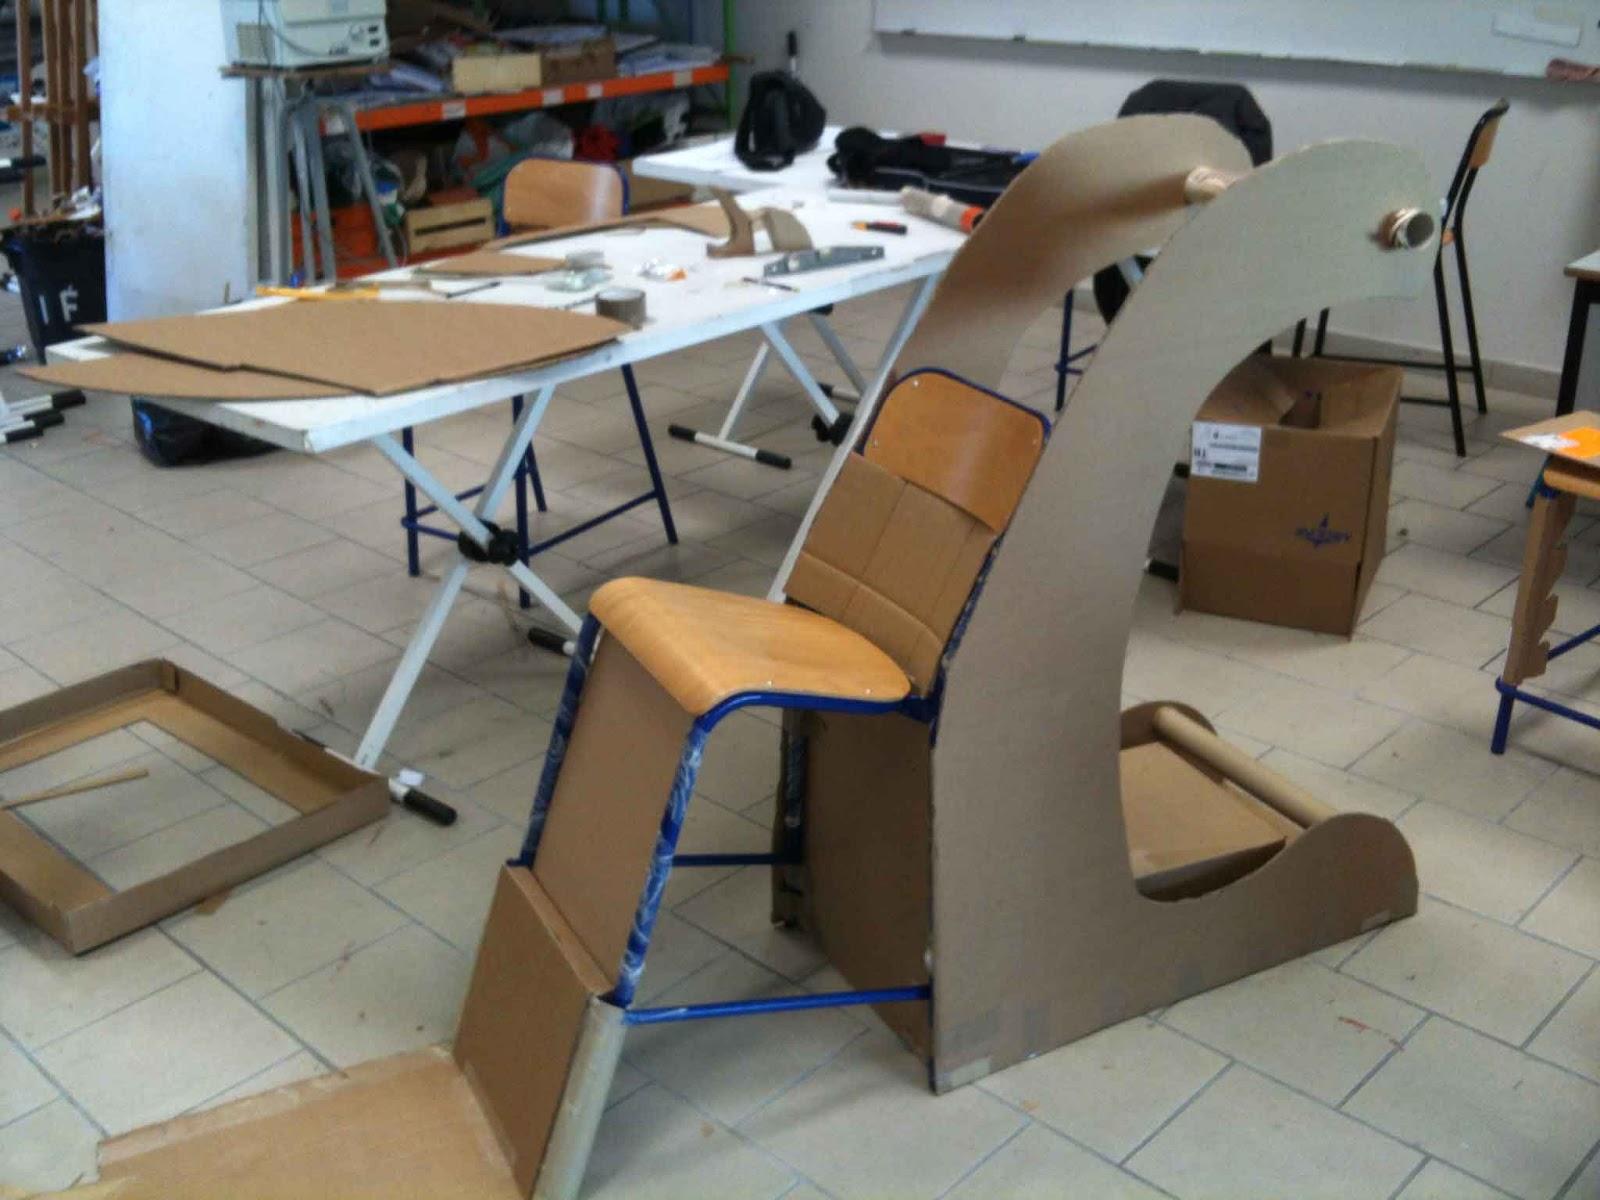 J'ai envie de faire du design d'espace